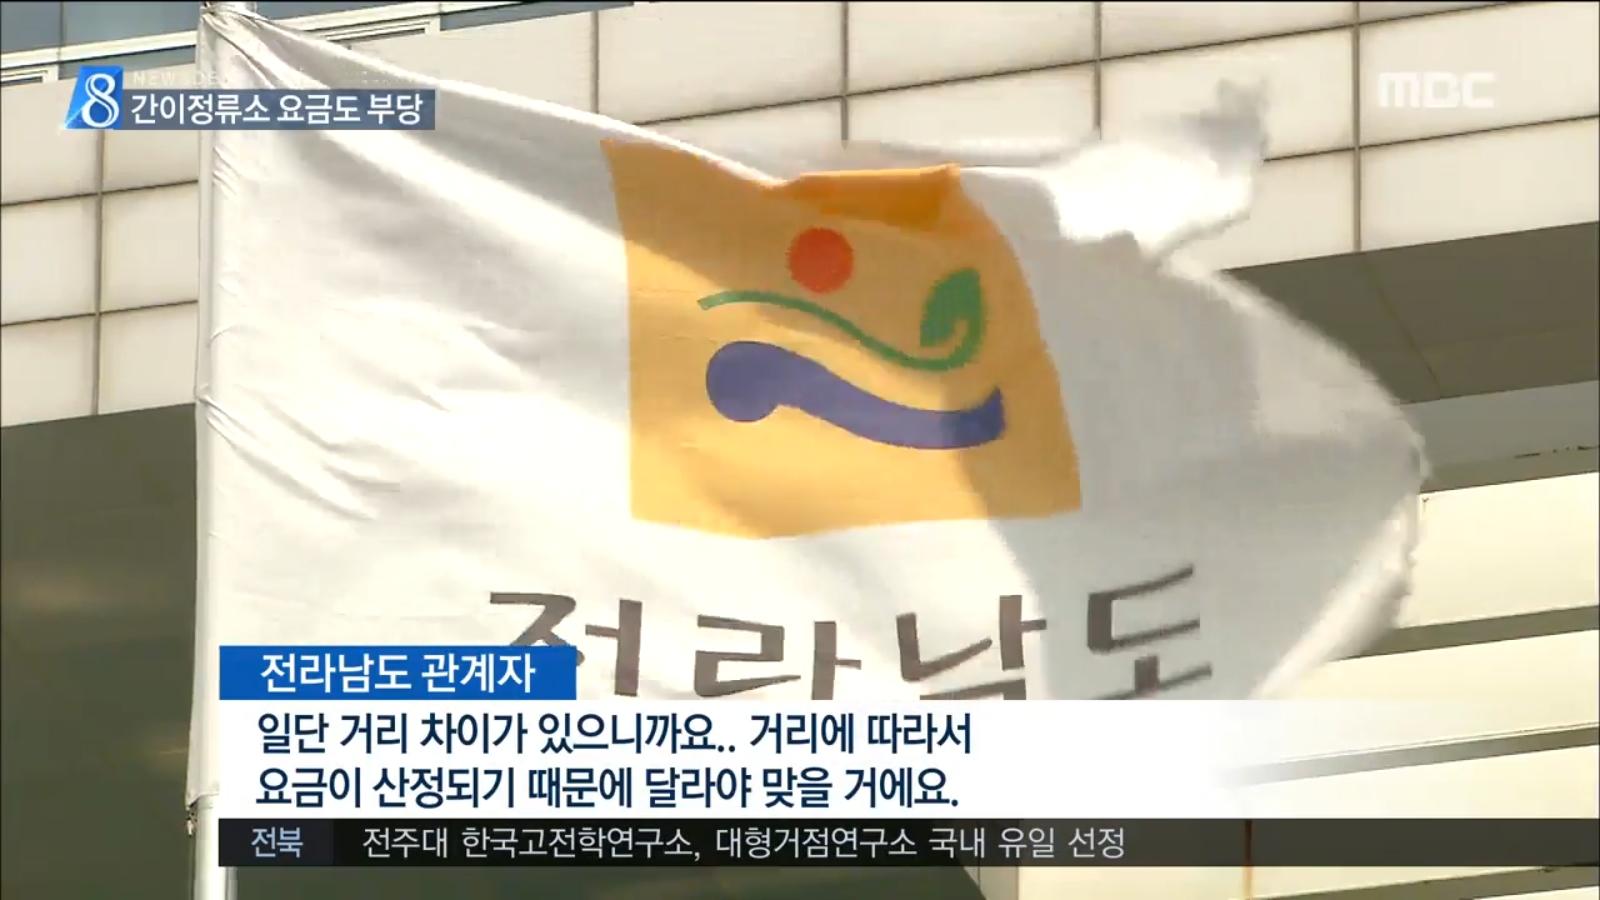 [18.1.4 전주MBC] 송하진 전북지사, 시외버스 요금 기준 위반에도 도민권리 보다 버스업체 편들어2.jpg